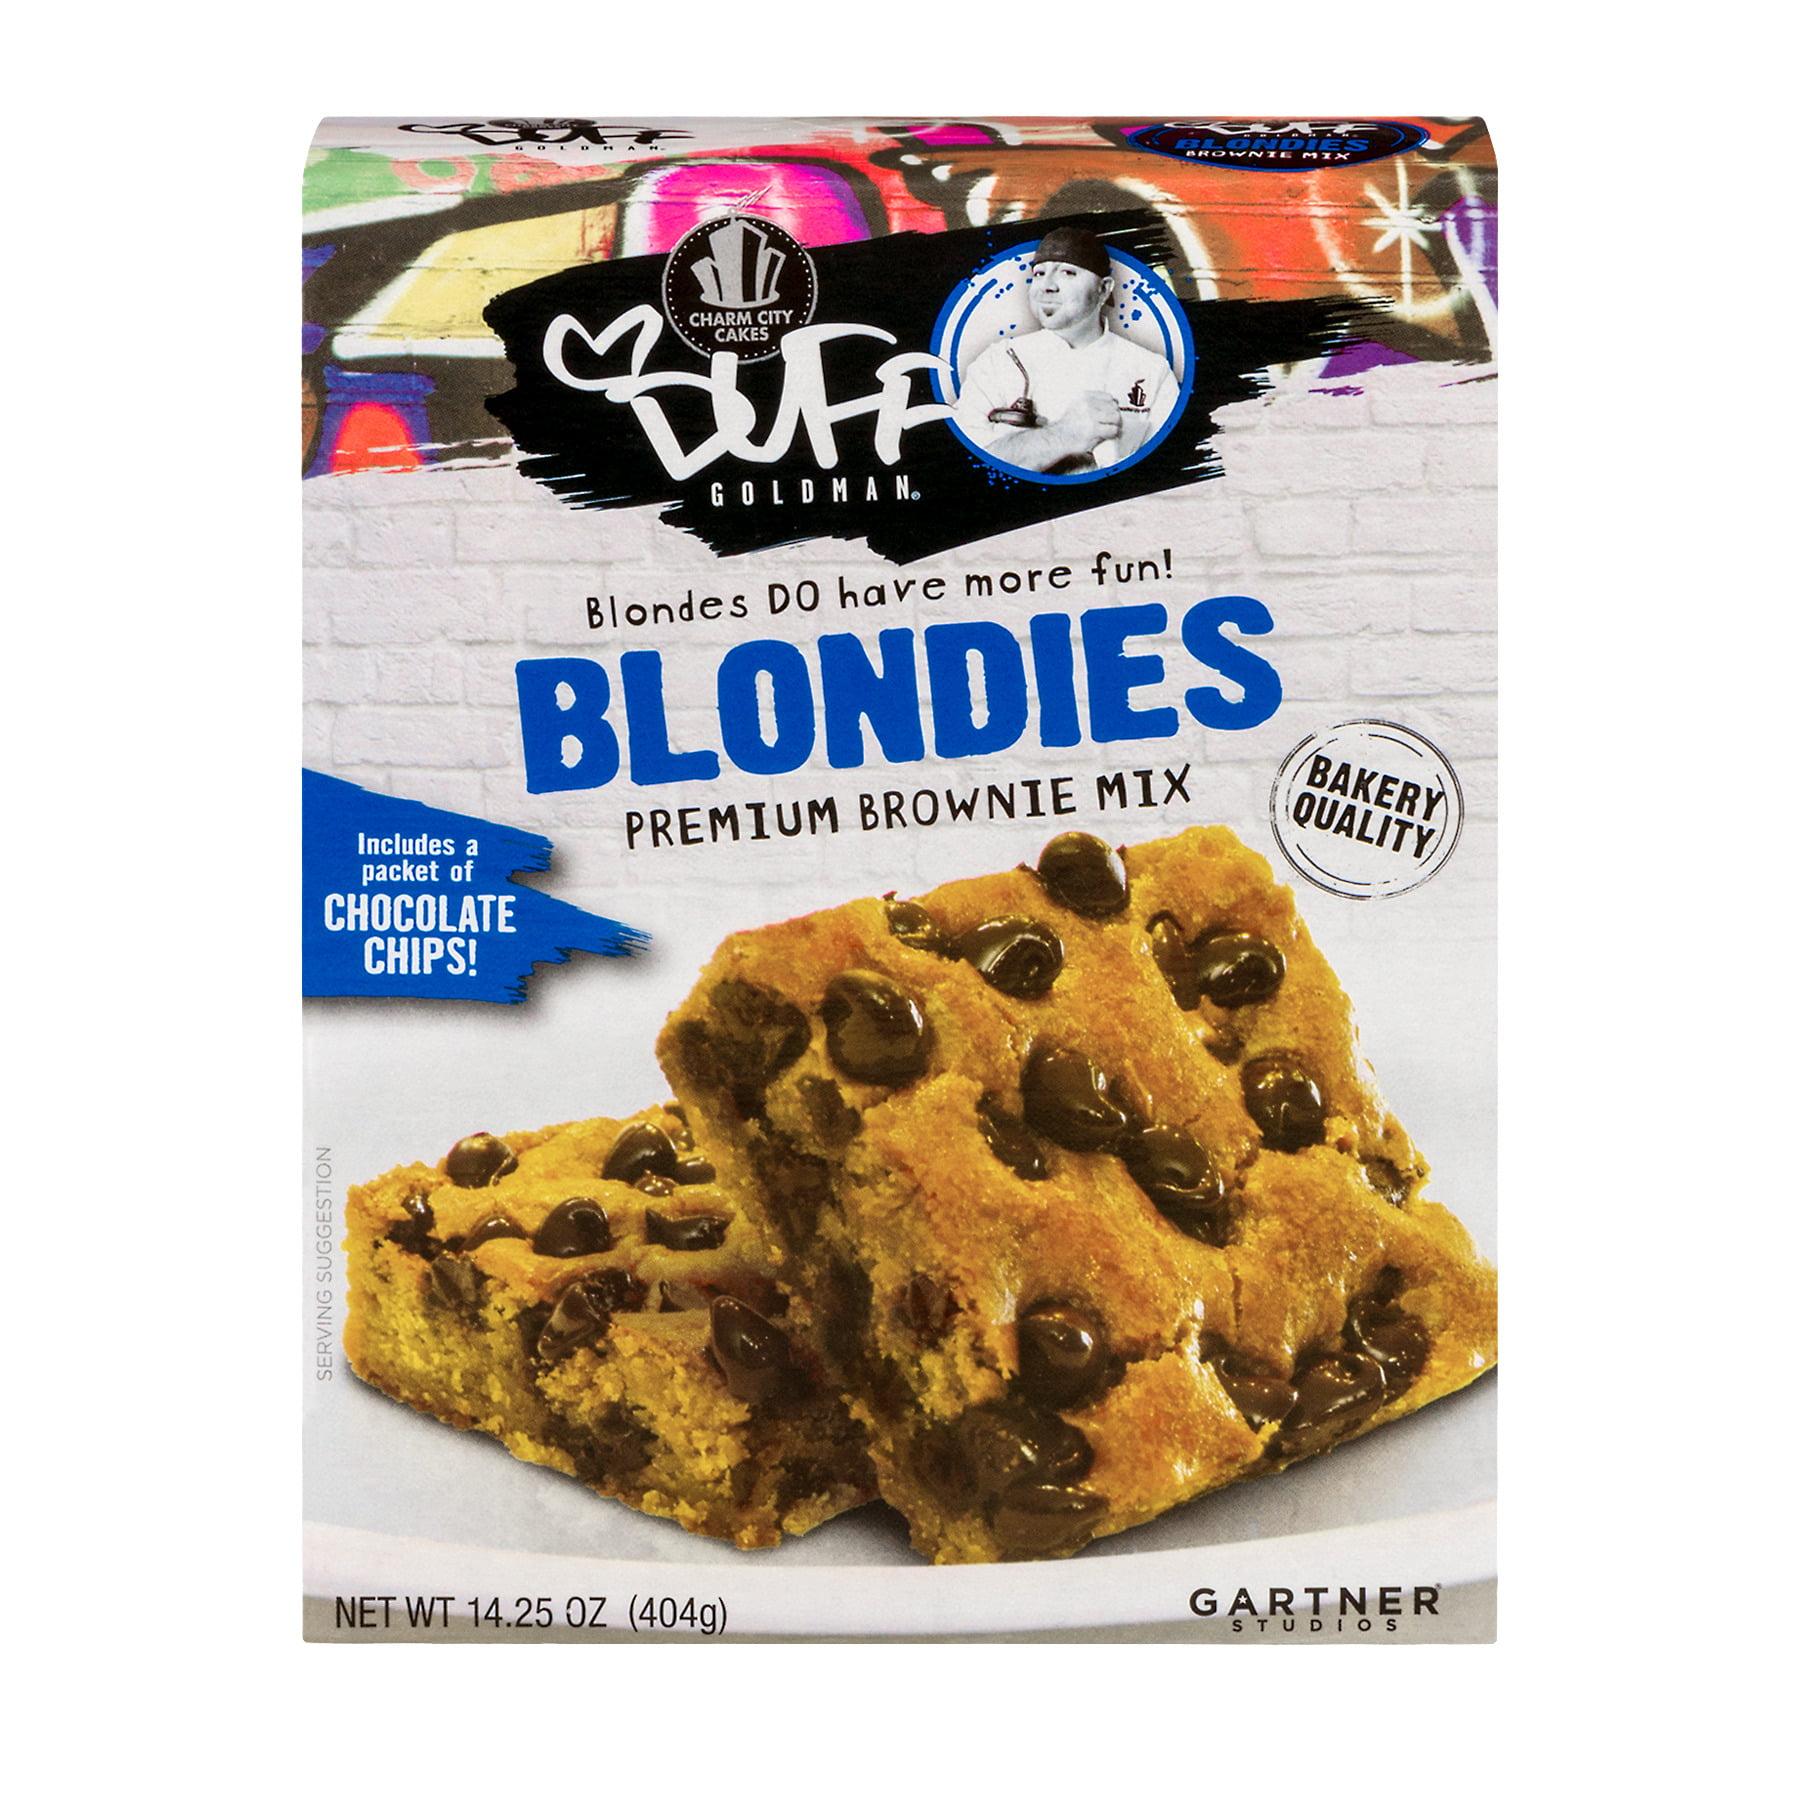 Duff Goldman Blondies Premium Brownie Mix, 14.25 oz